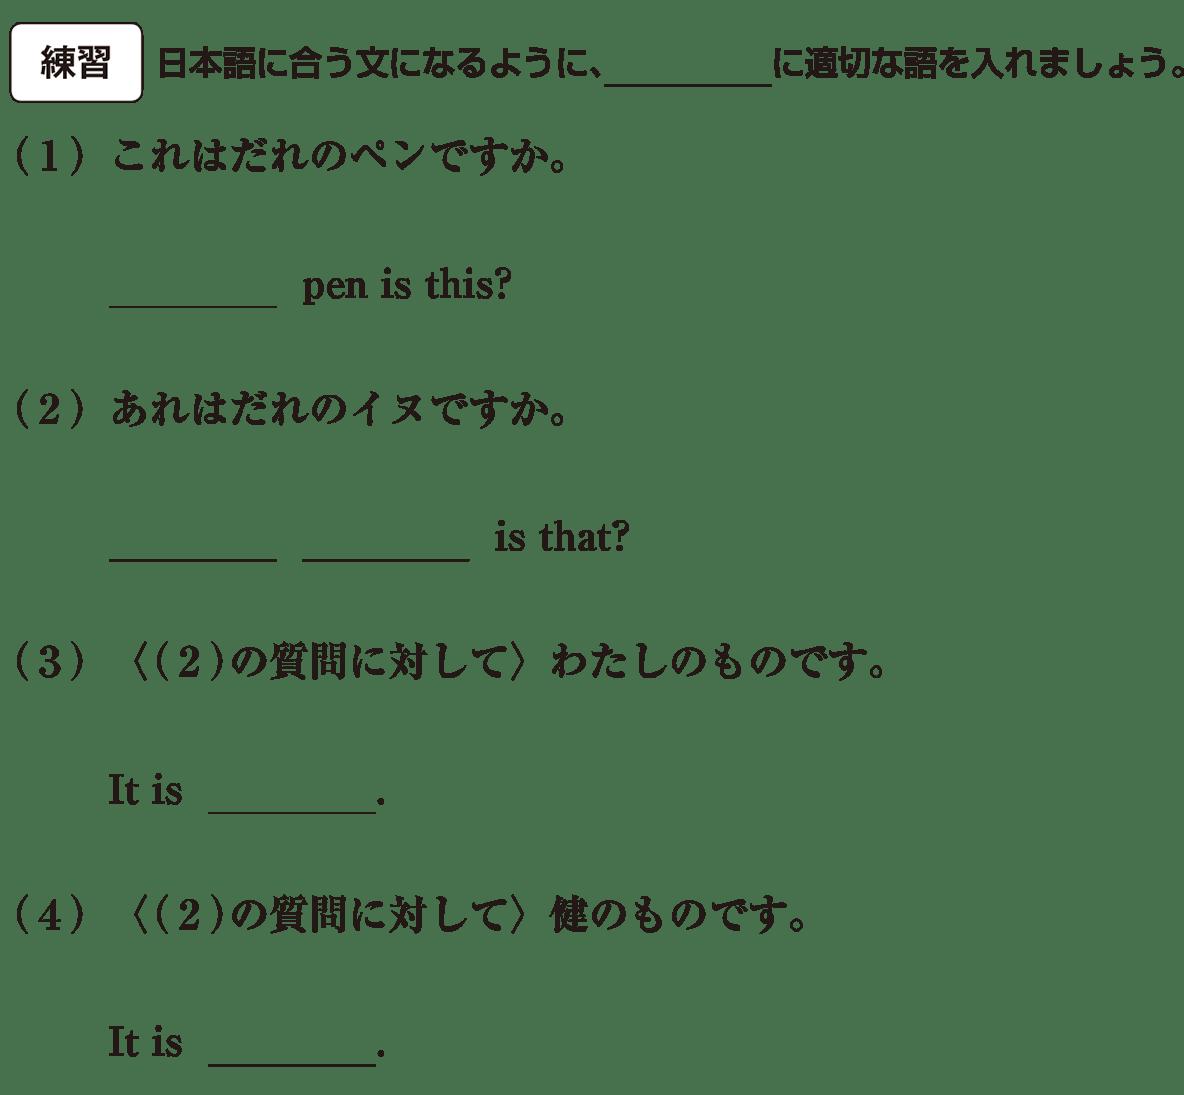 中1 英語33 練習